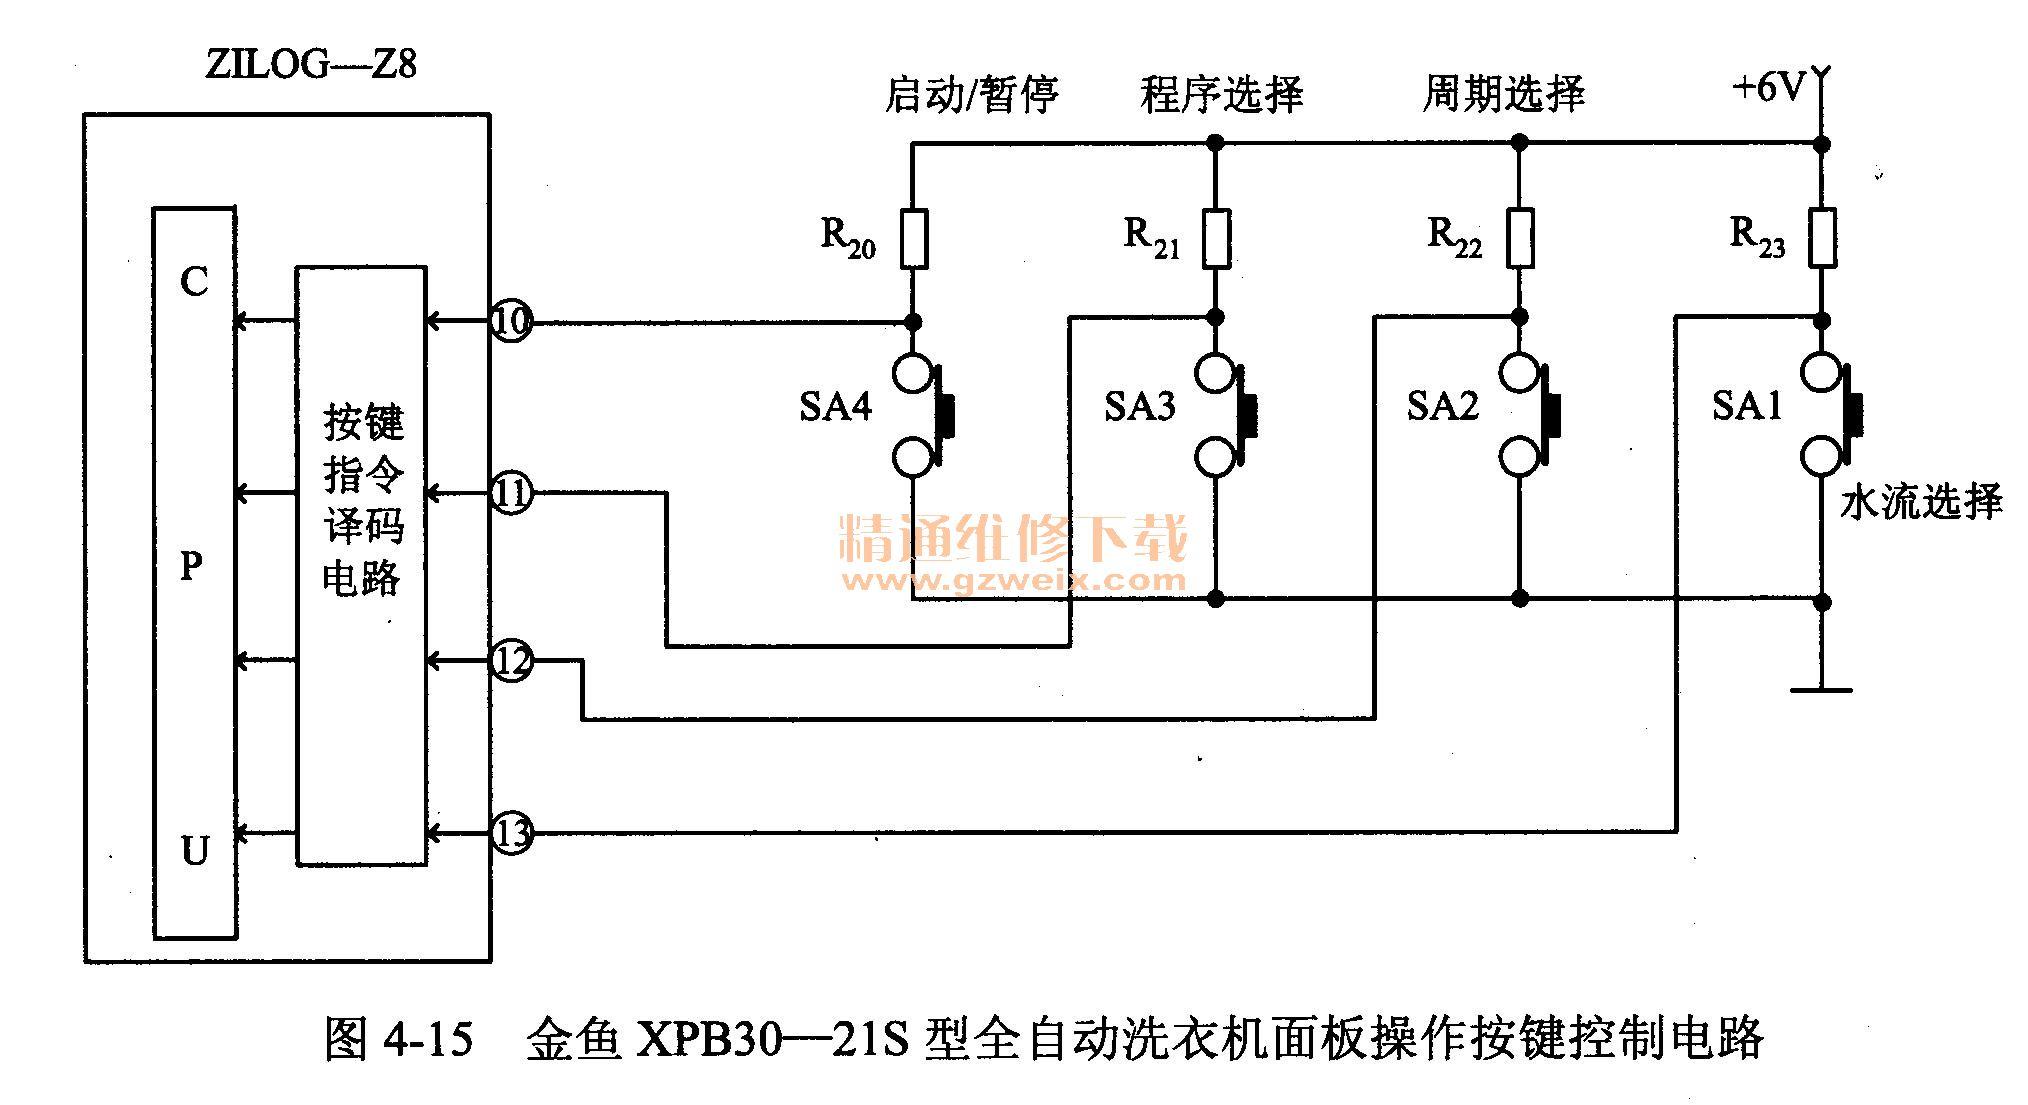 金鱼xpb30-21 s型全自动洗衣机的面板操作按键控制电路如图4-15所示.